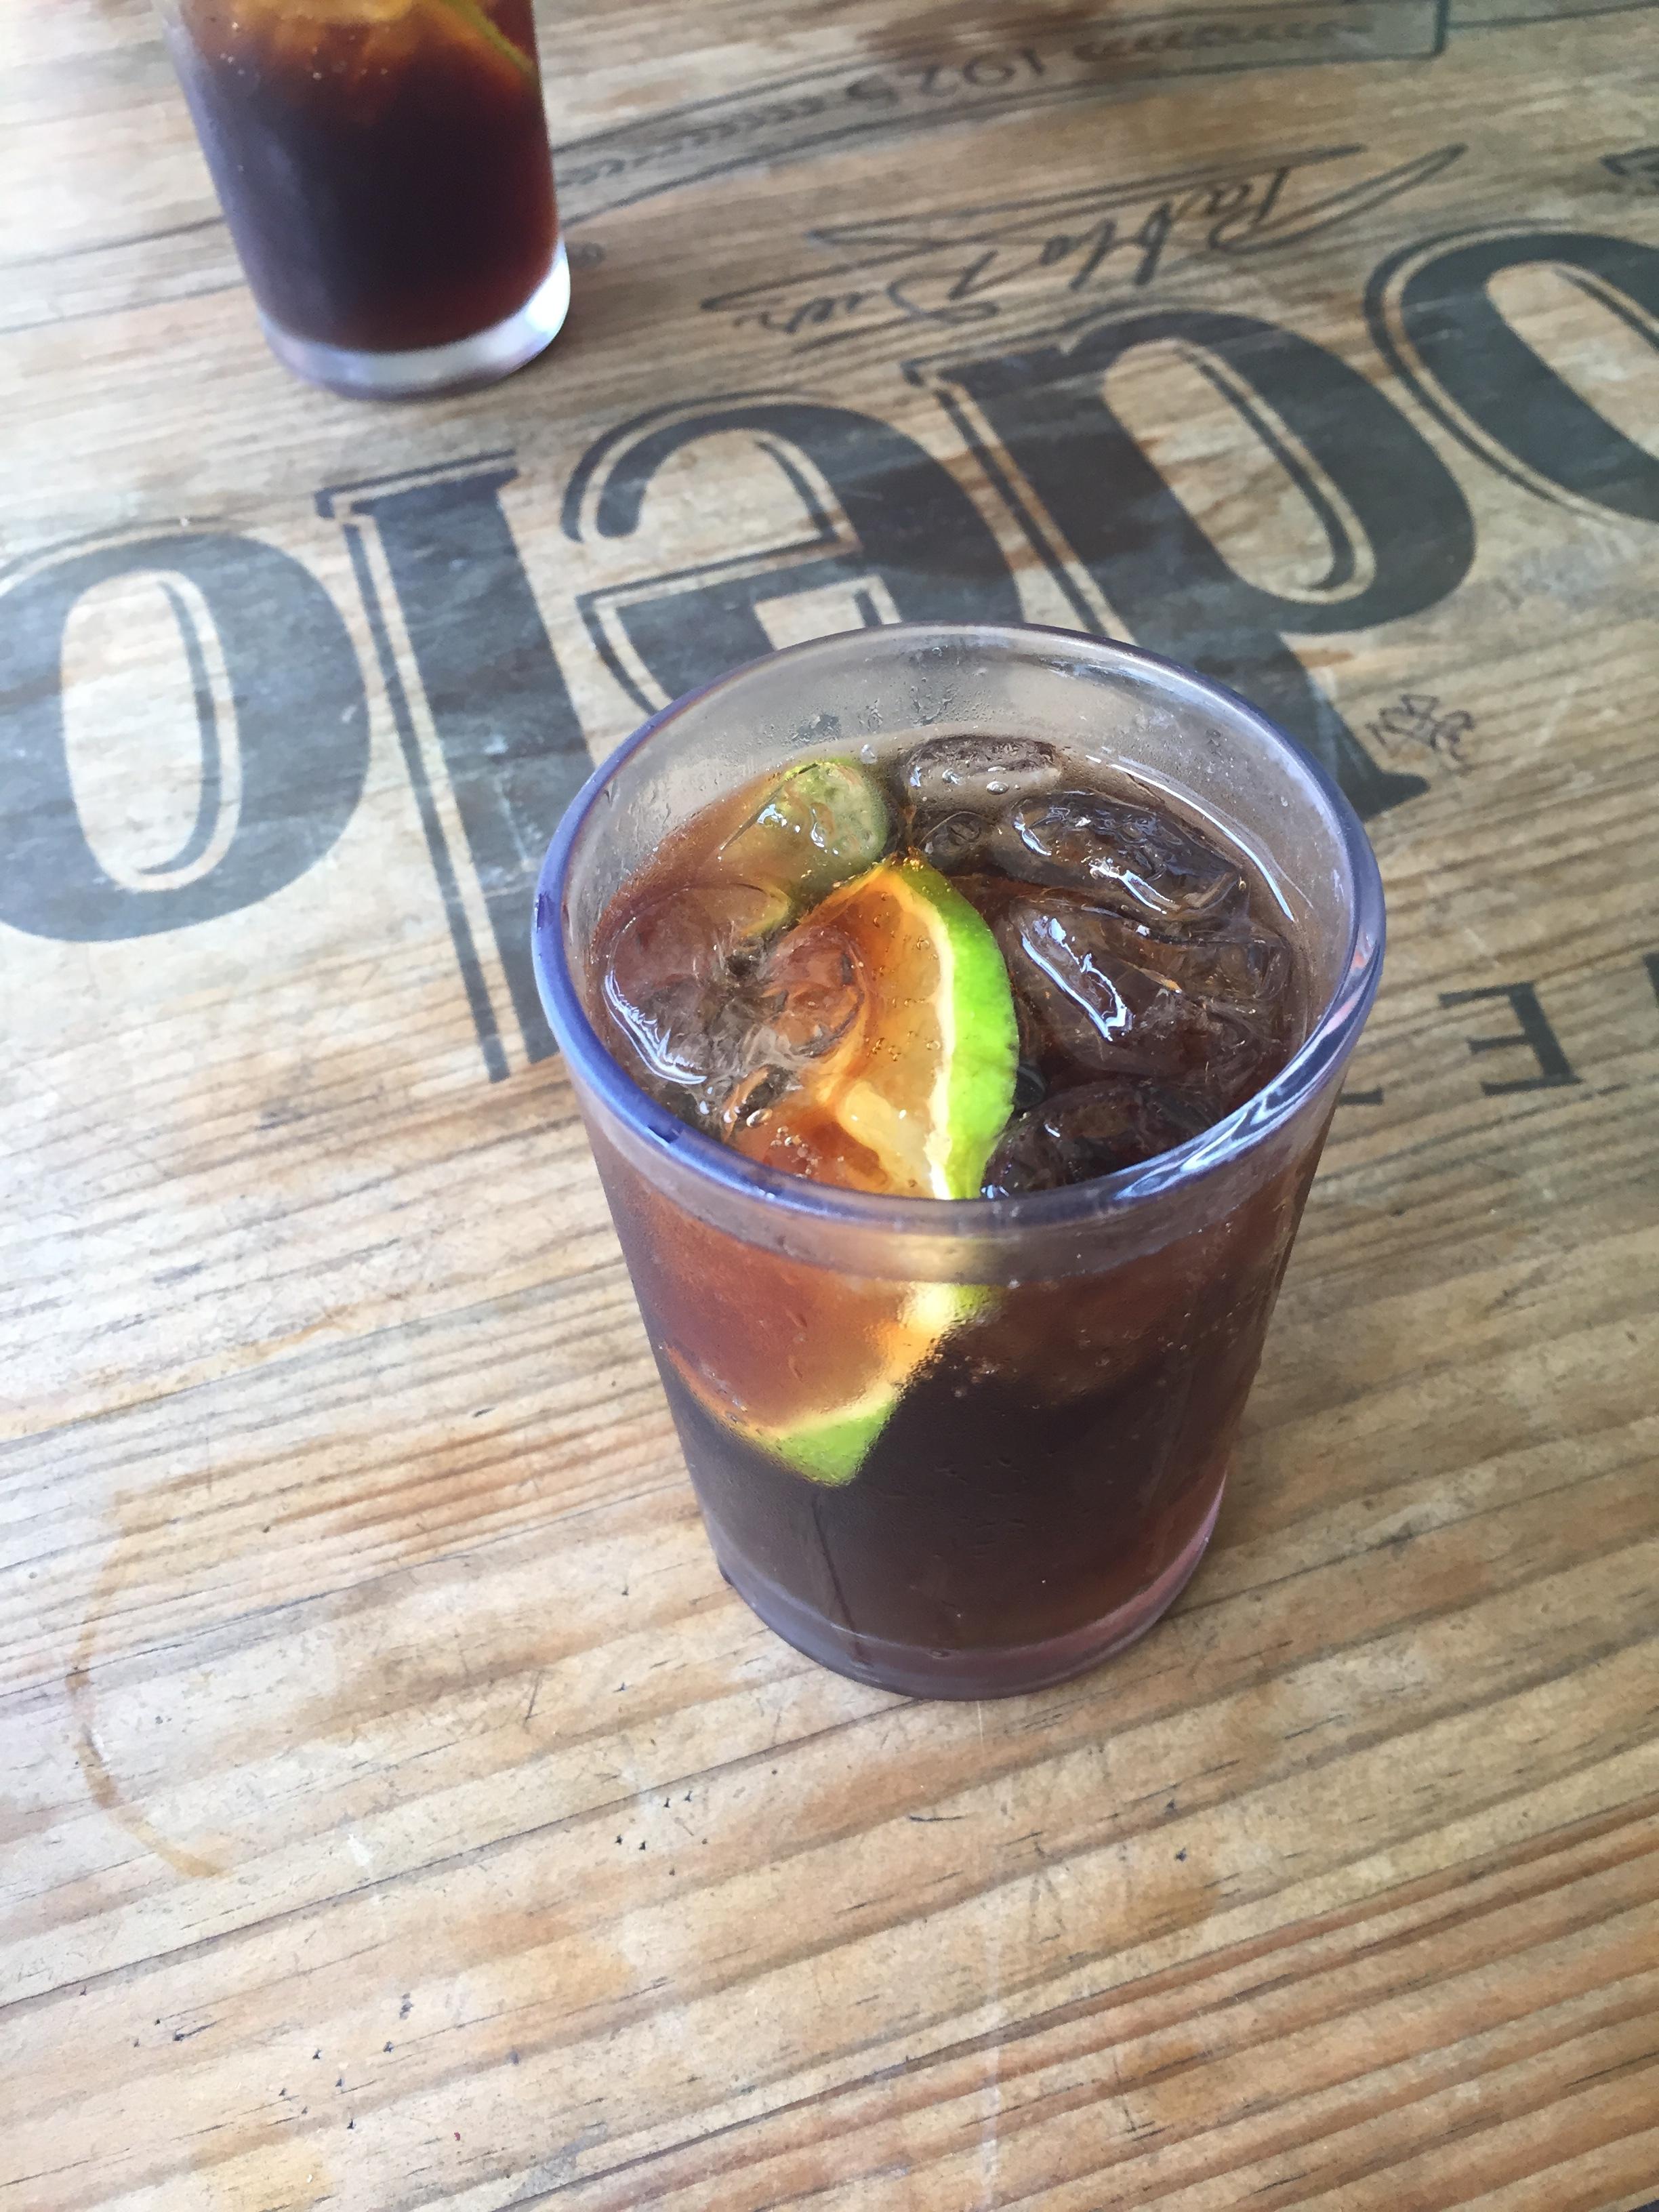 $2 Refreshing Cuba Libre